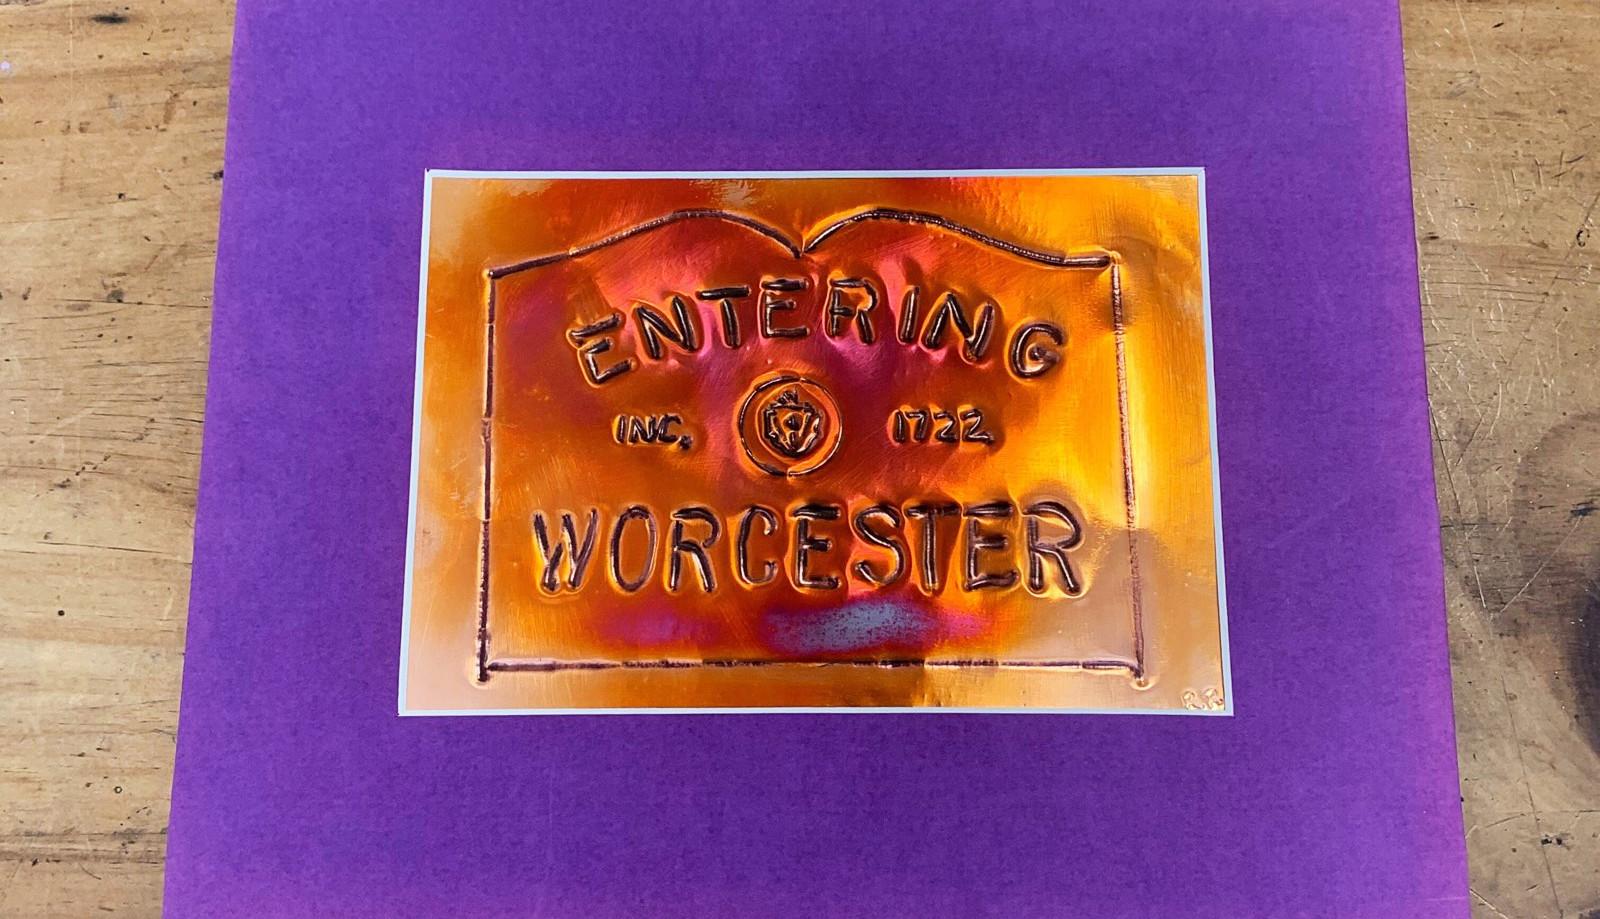 Entering Worcester